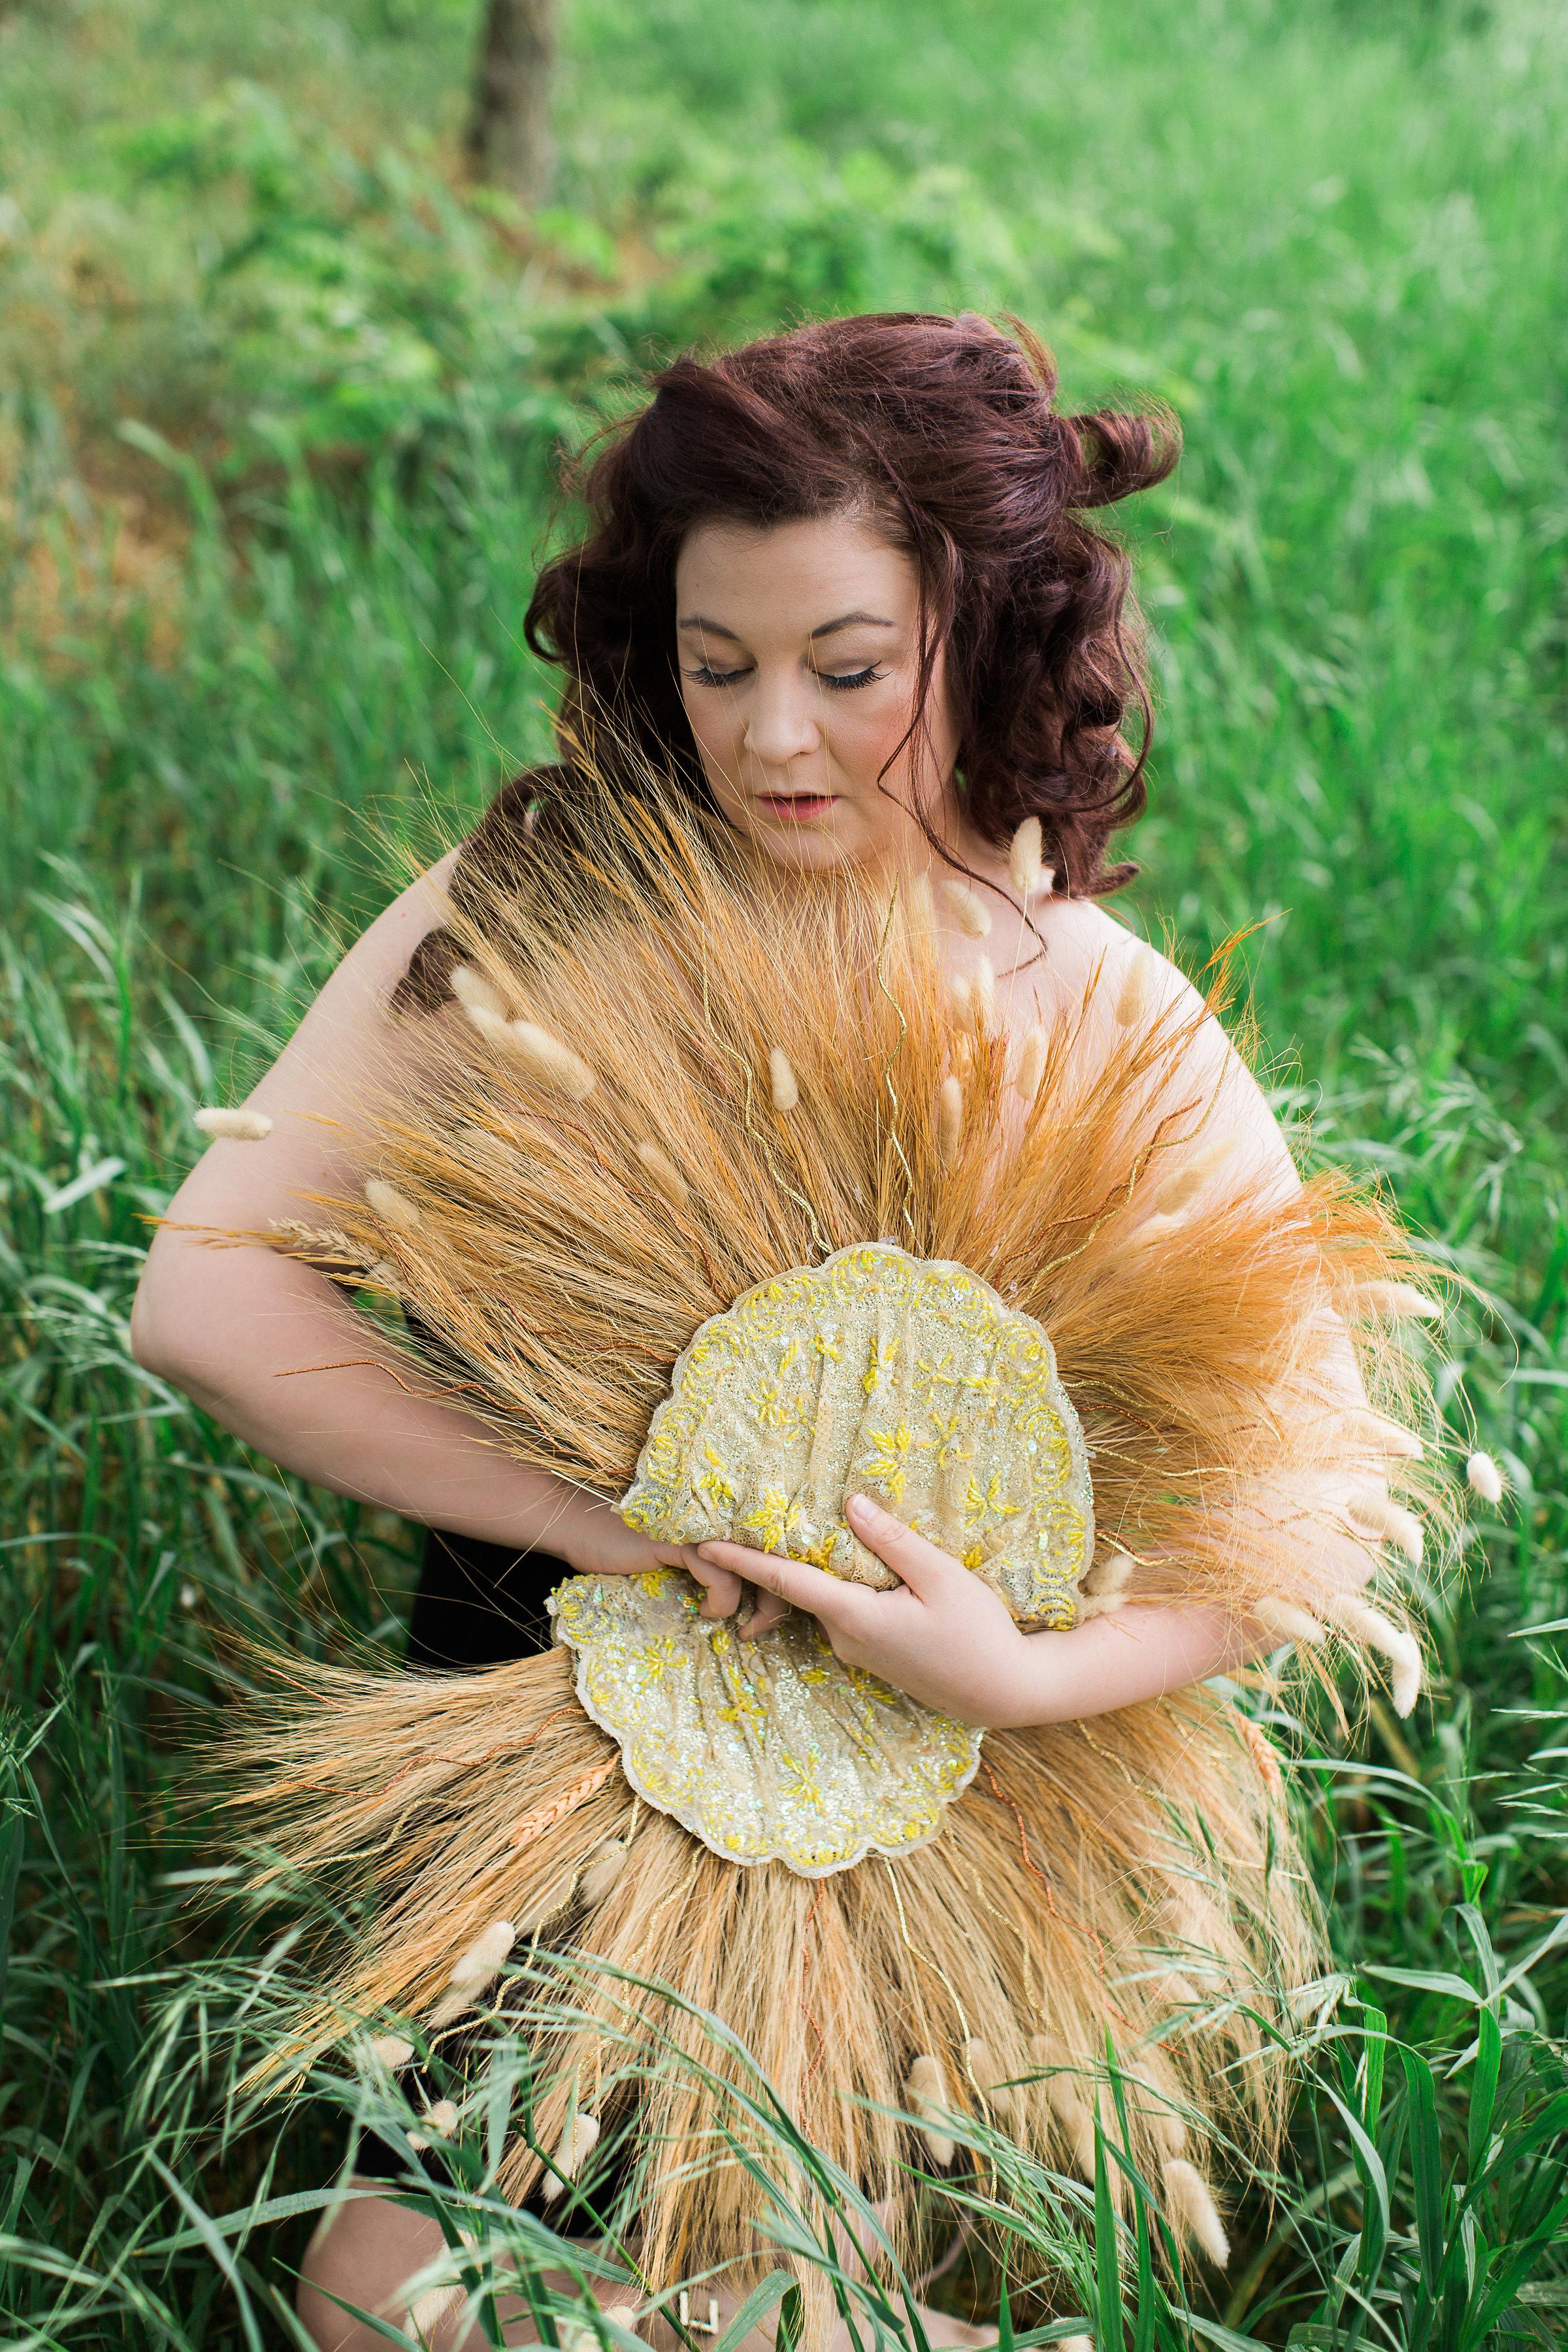 Wheat Fans